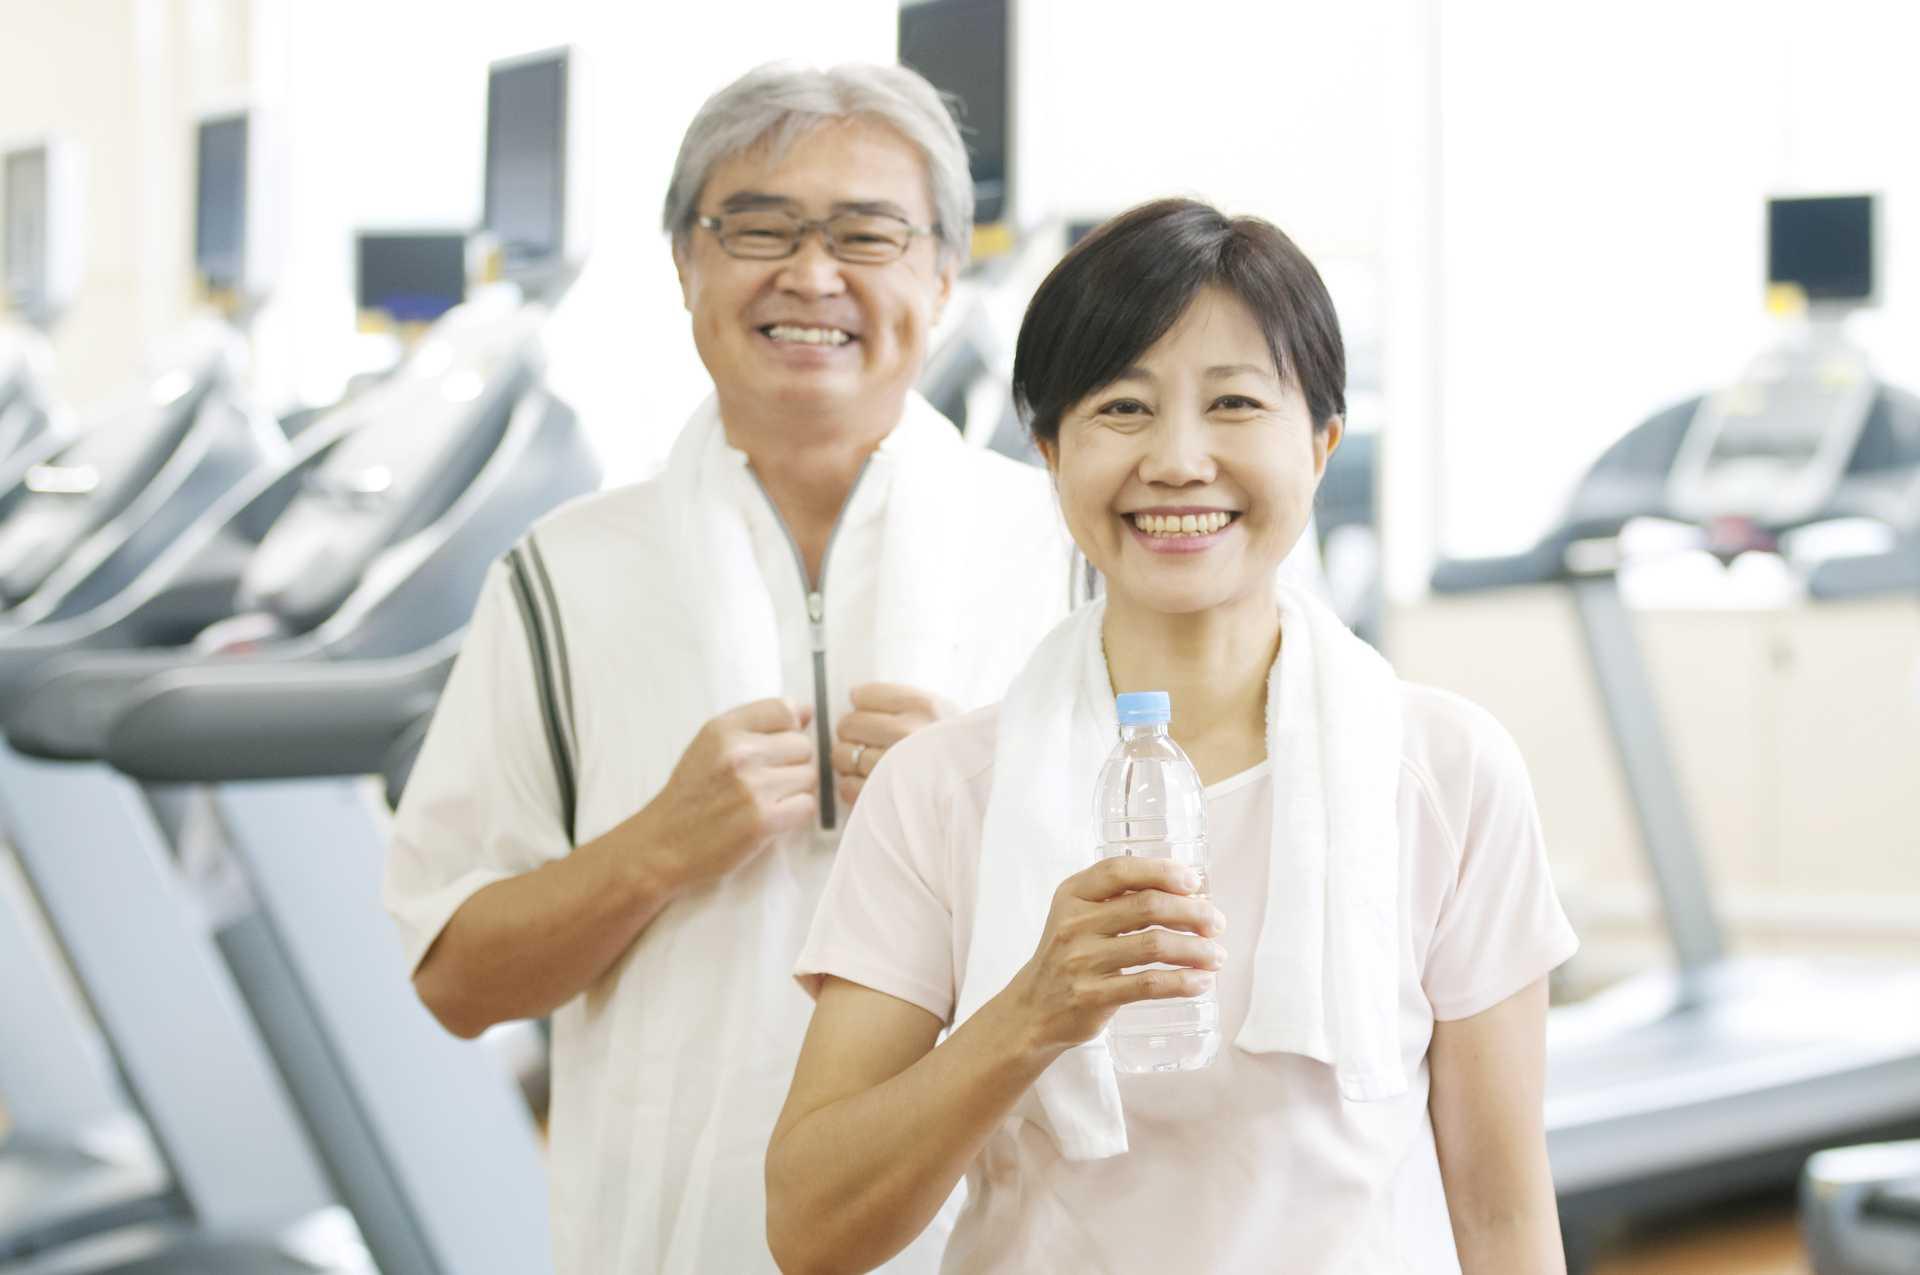 なぜ、老いるときには、あっと言う間に老いるのか。 | 健康のためになる30の散歩術